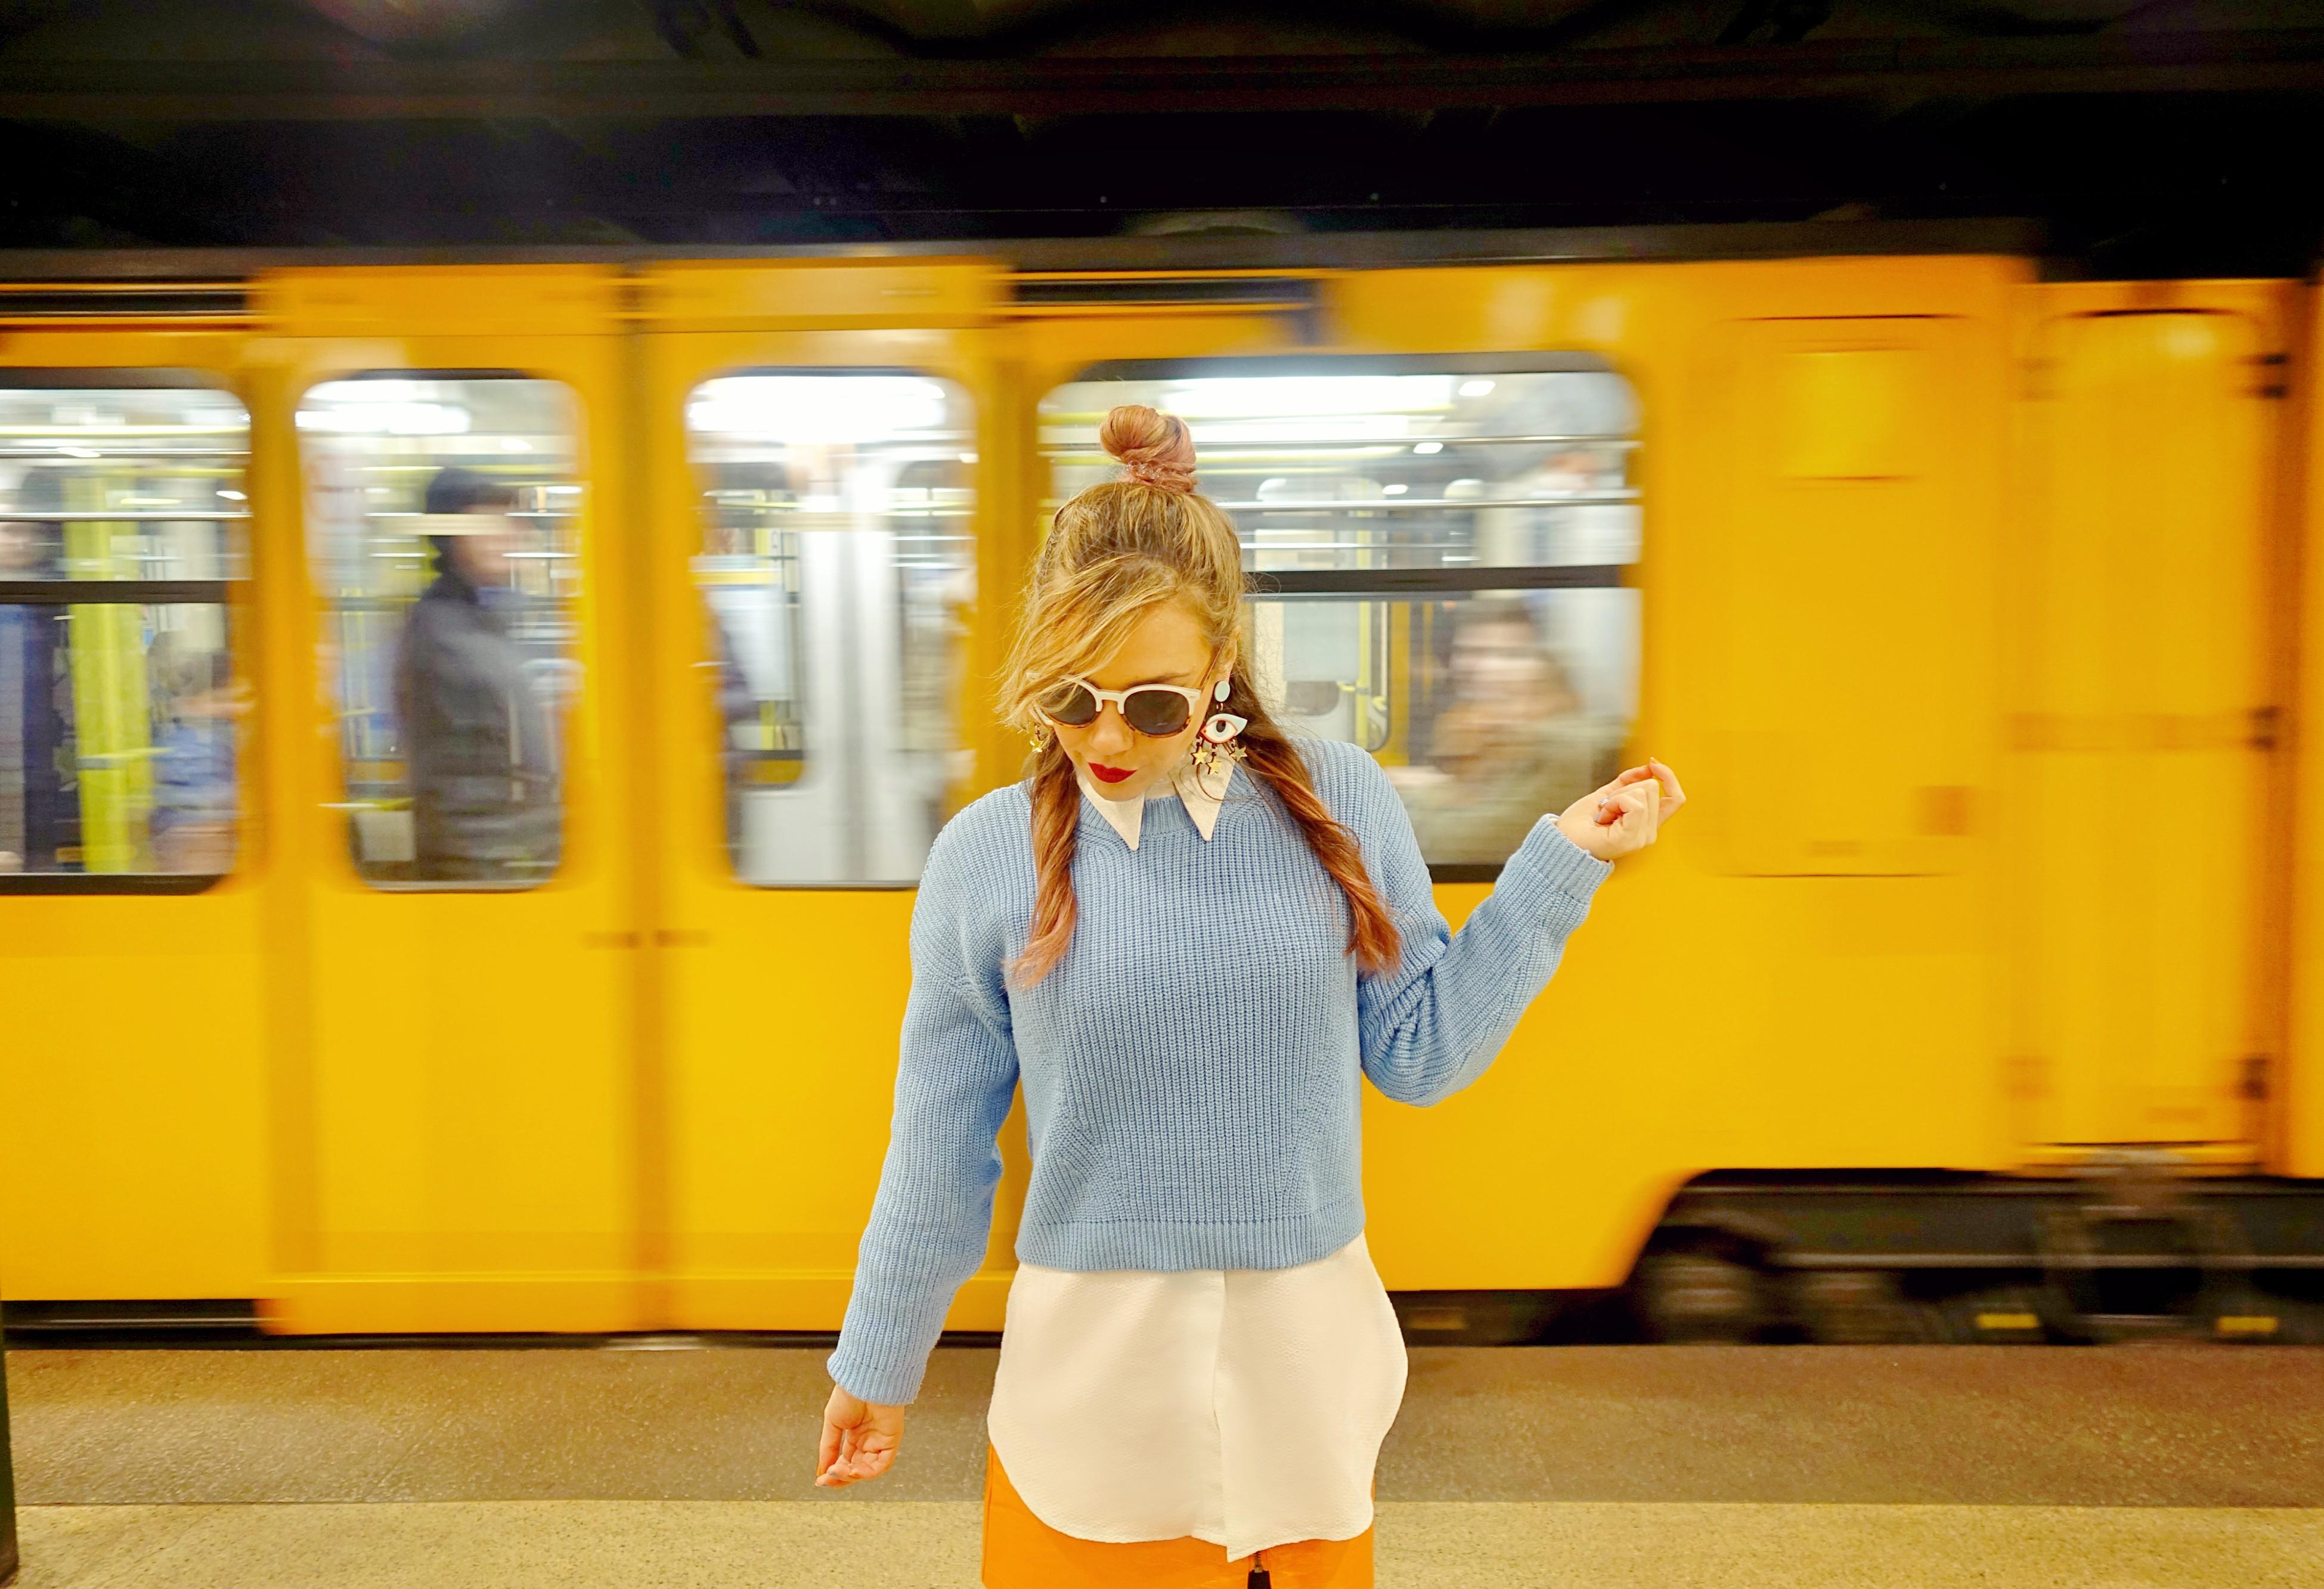 Metro-de-budapest-look-naranja-blog-de-moda-chicadicta-fashionista-influencer-pendientes-grandes-chic-adicta-PiensaenChic-Piensa-en-Chic